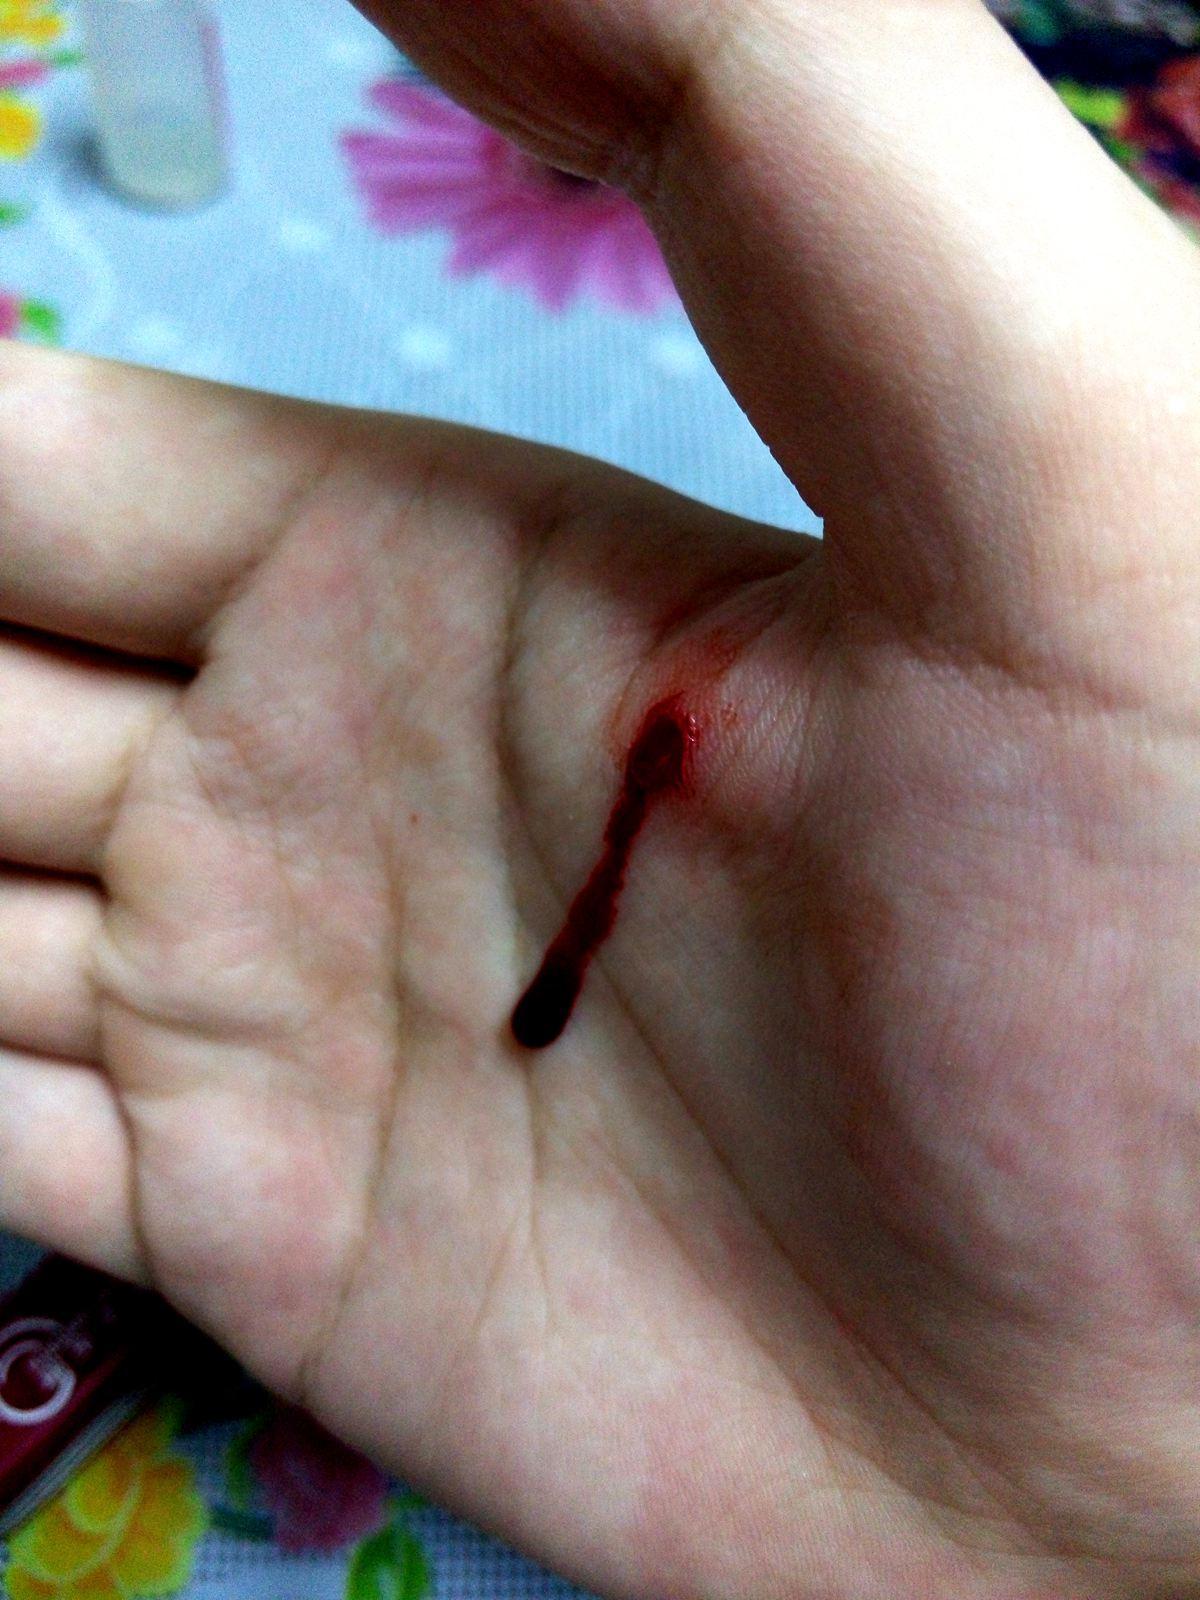 太凶残!我亲手从自己身上撕下了块肉